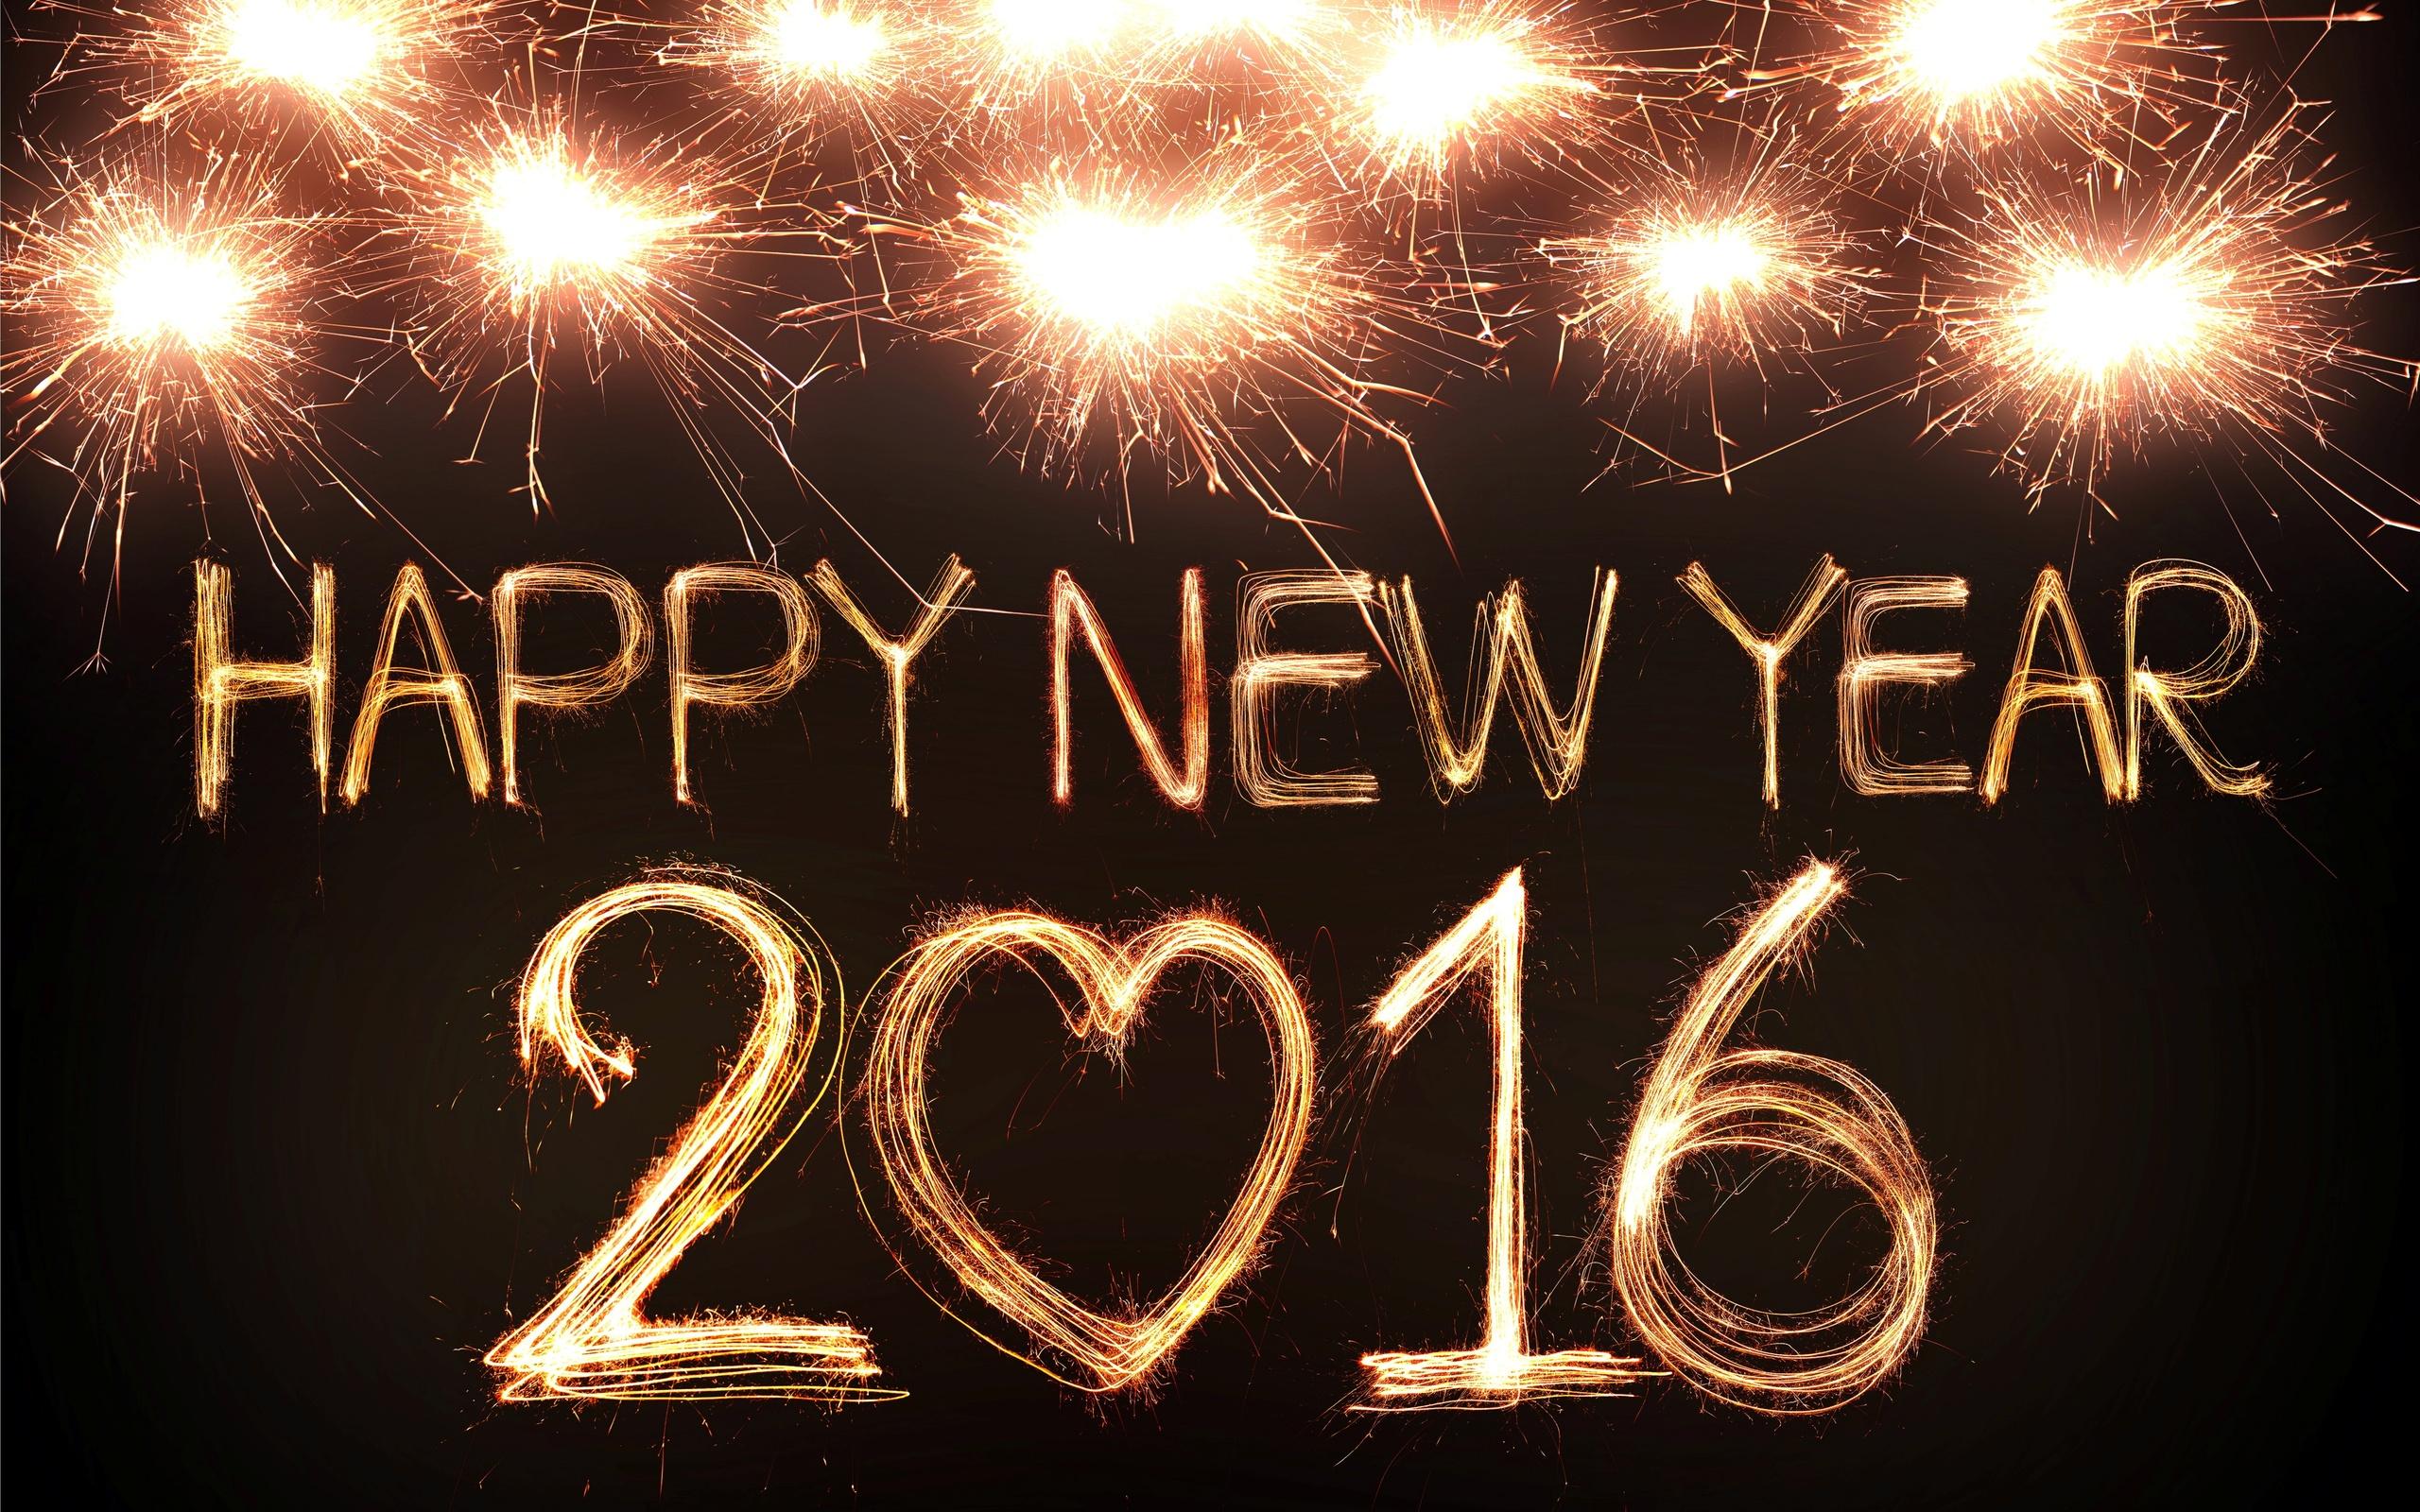 رأس السنة بالصور2016 تهنئة برقيات وصور (1)